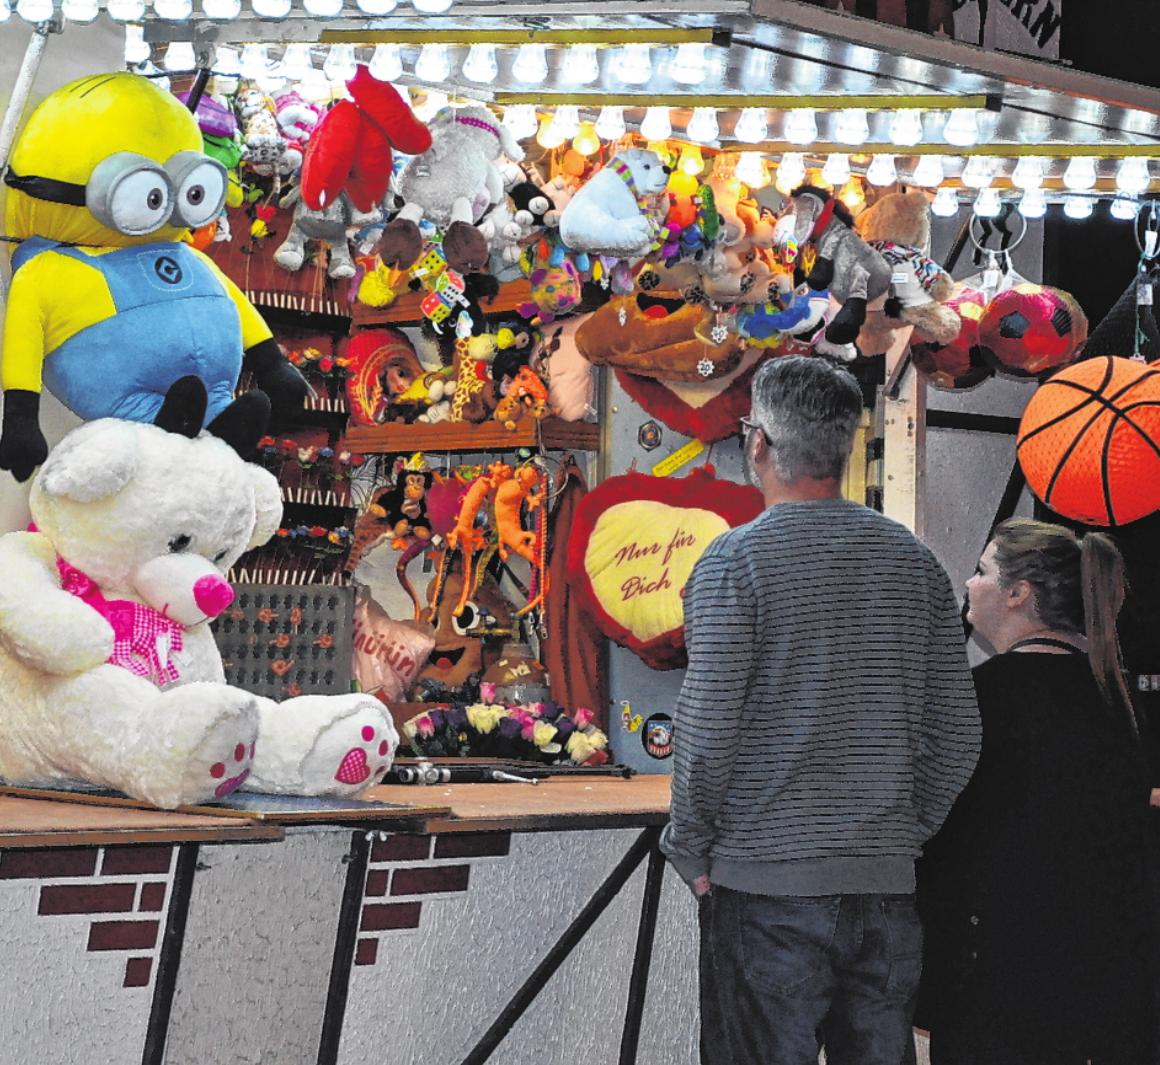 Verkaufsstände fahrender Händler wird es 2020 in Hofheim nicht geben. FOTO: M. SCHWEIGER